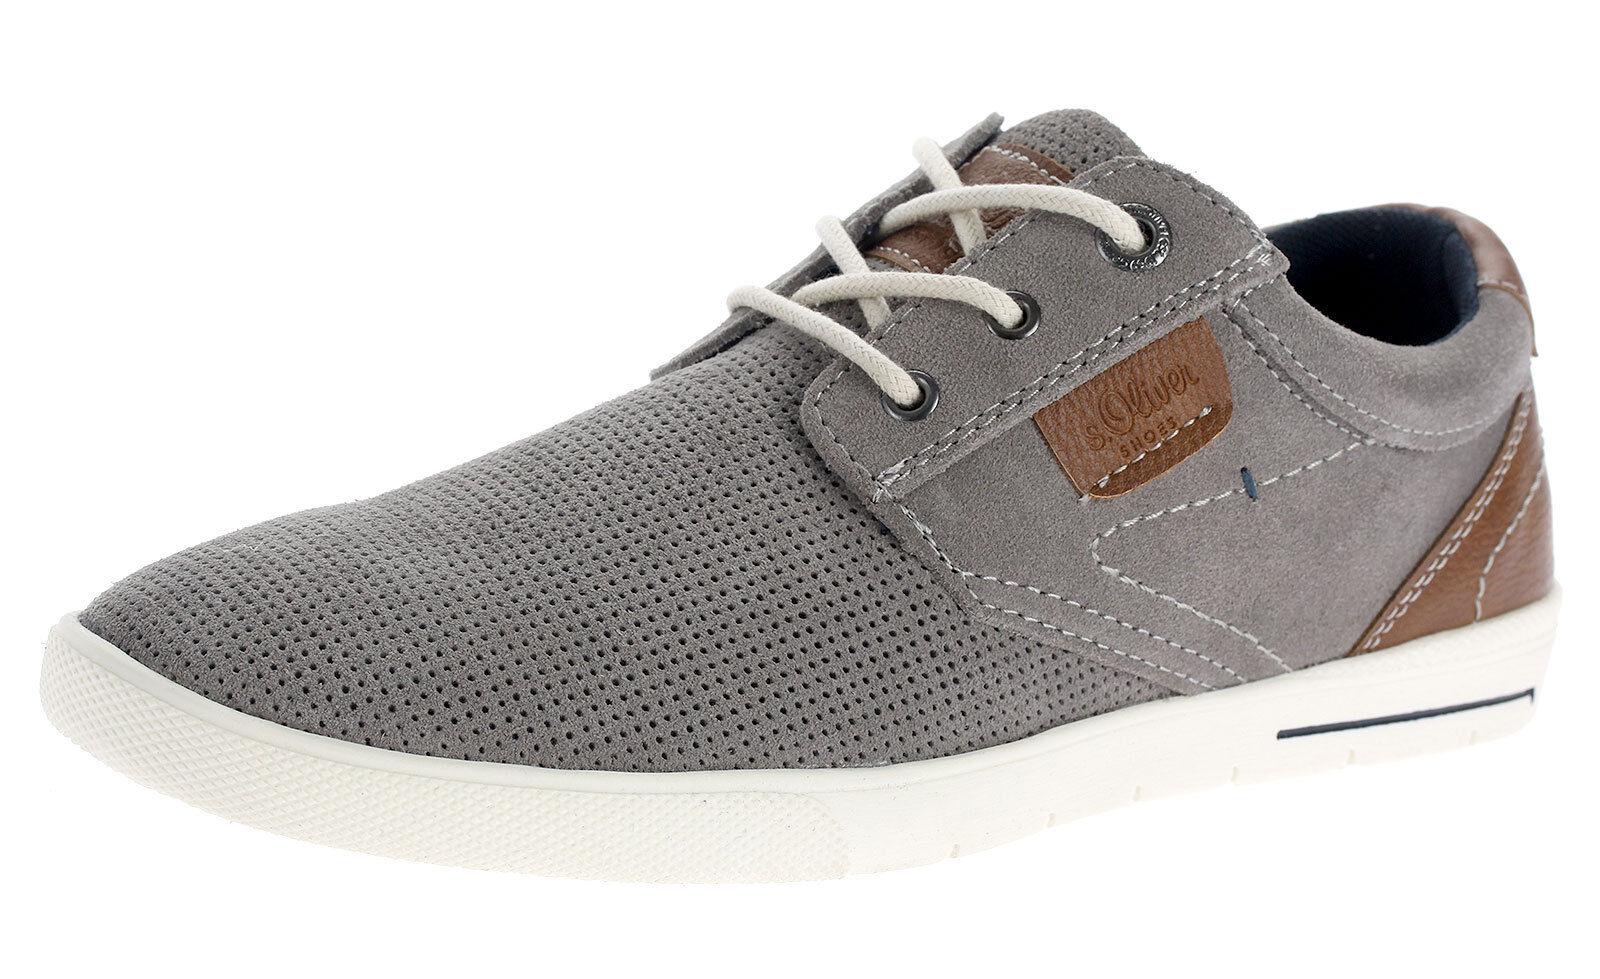 S. Oliver Uomo in Pelle scarpe scarpe scarpe da ginnastica Scarpe Basse Lacci per il tempo libero Scarpe 13605 GRIGIO f0e167